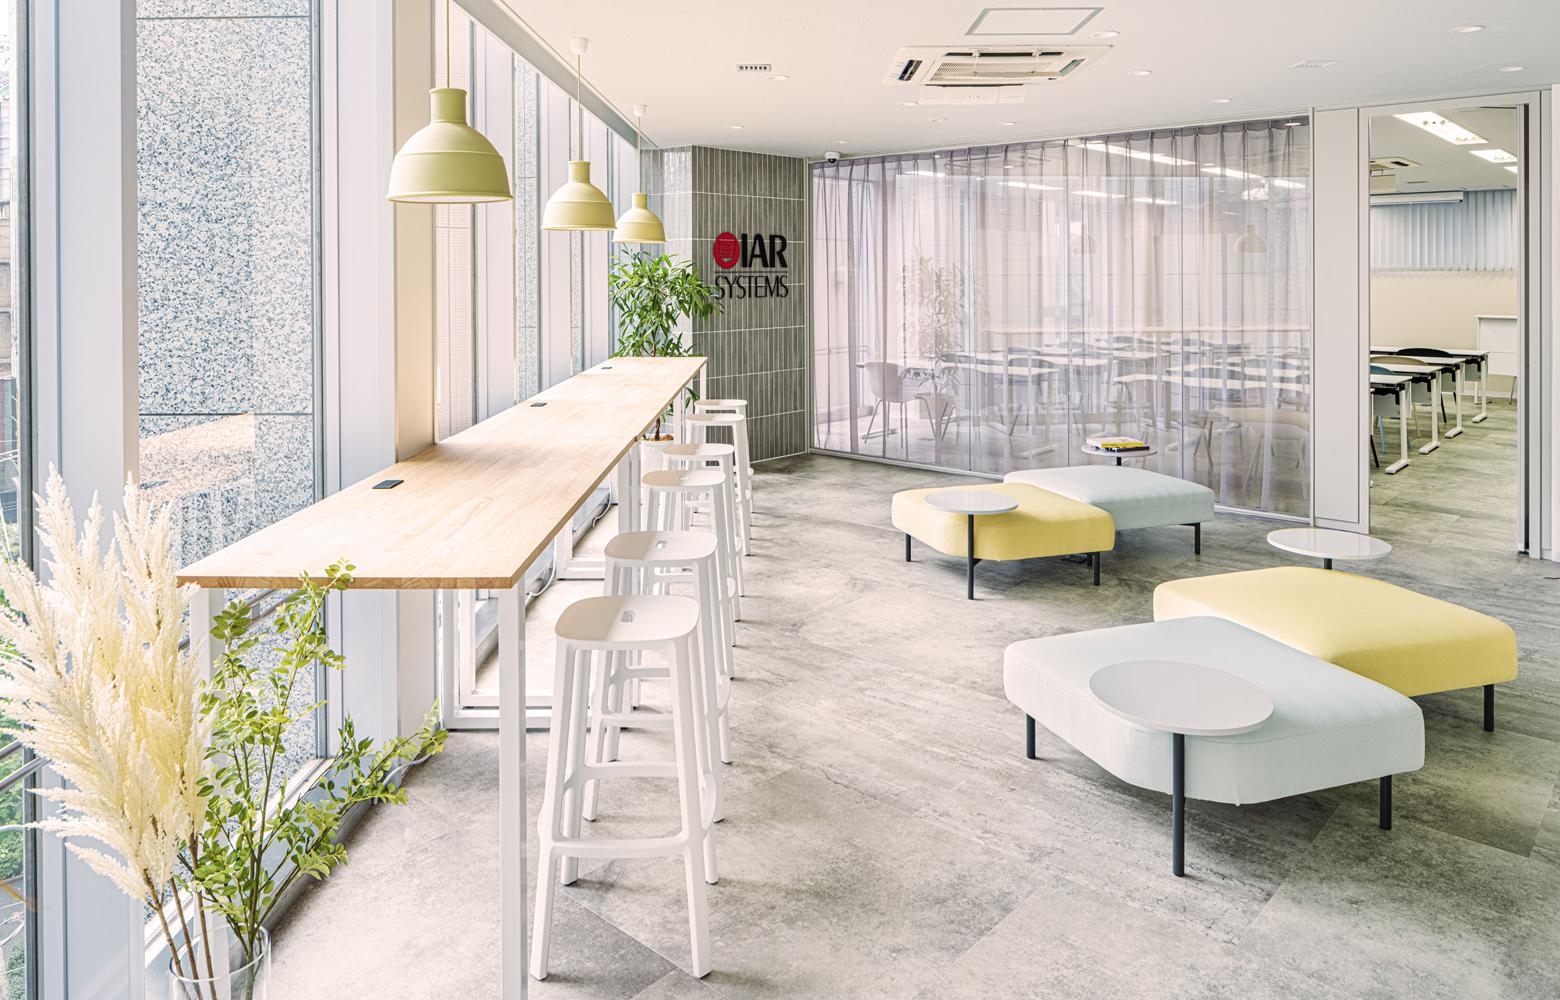 IARシステムズ株式会社 Entrance Lounge_3 デザイン・レイアウト事例